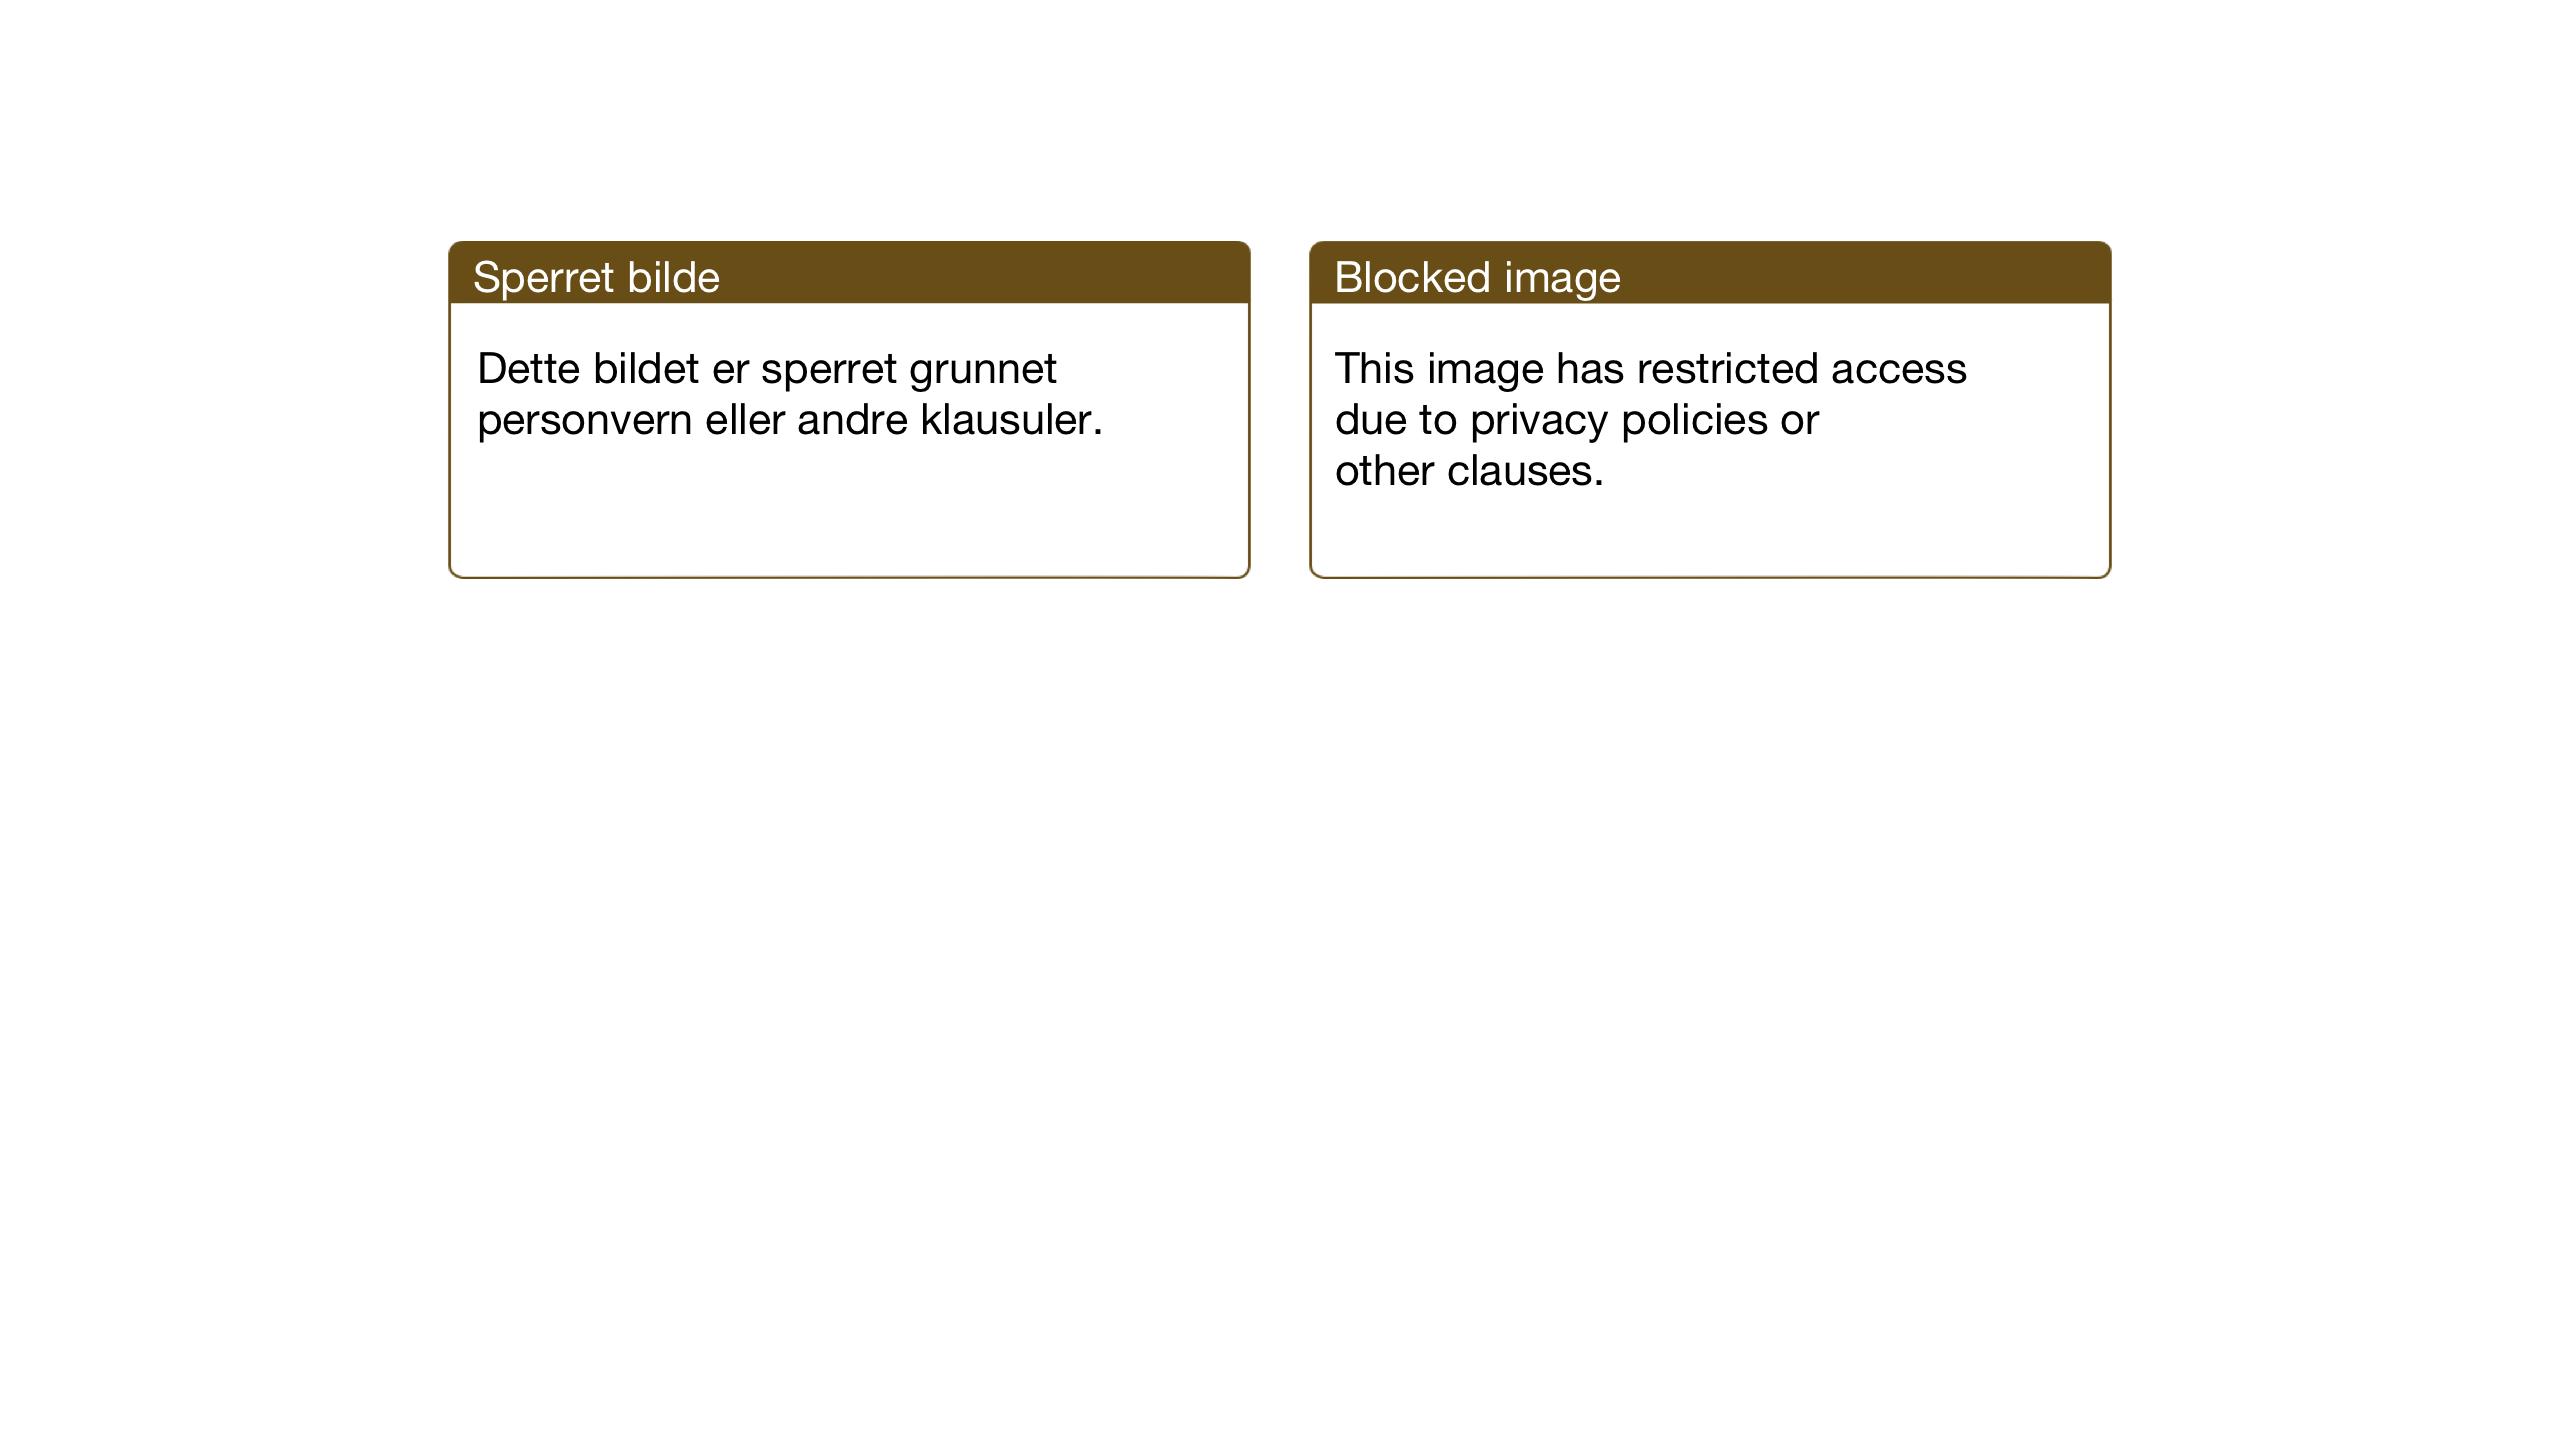 SAT, Ministerialprotokoller, klokkerbøker og fødselsregistre - Sør-Trøndelag, 630/L0508: Klokkerbok nr. 630C06, 1933-1950, s. 21